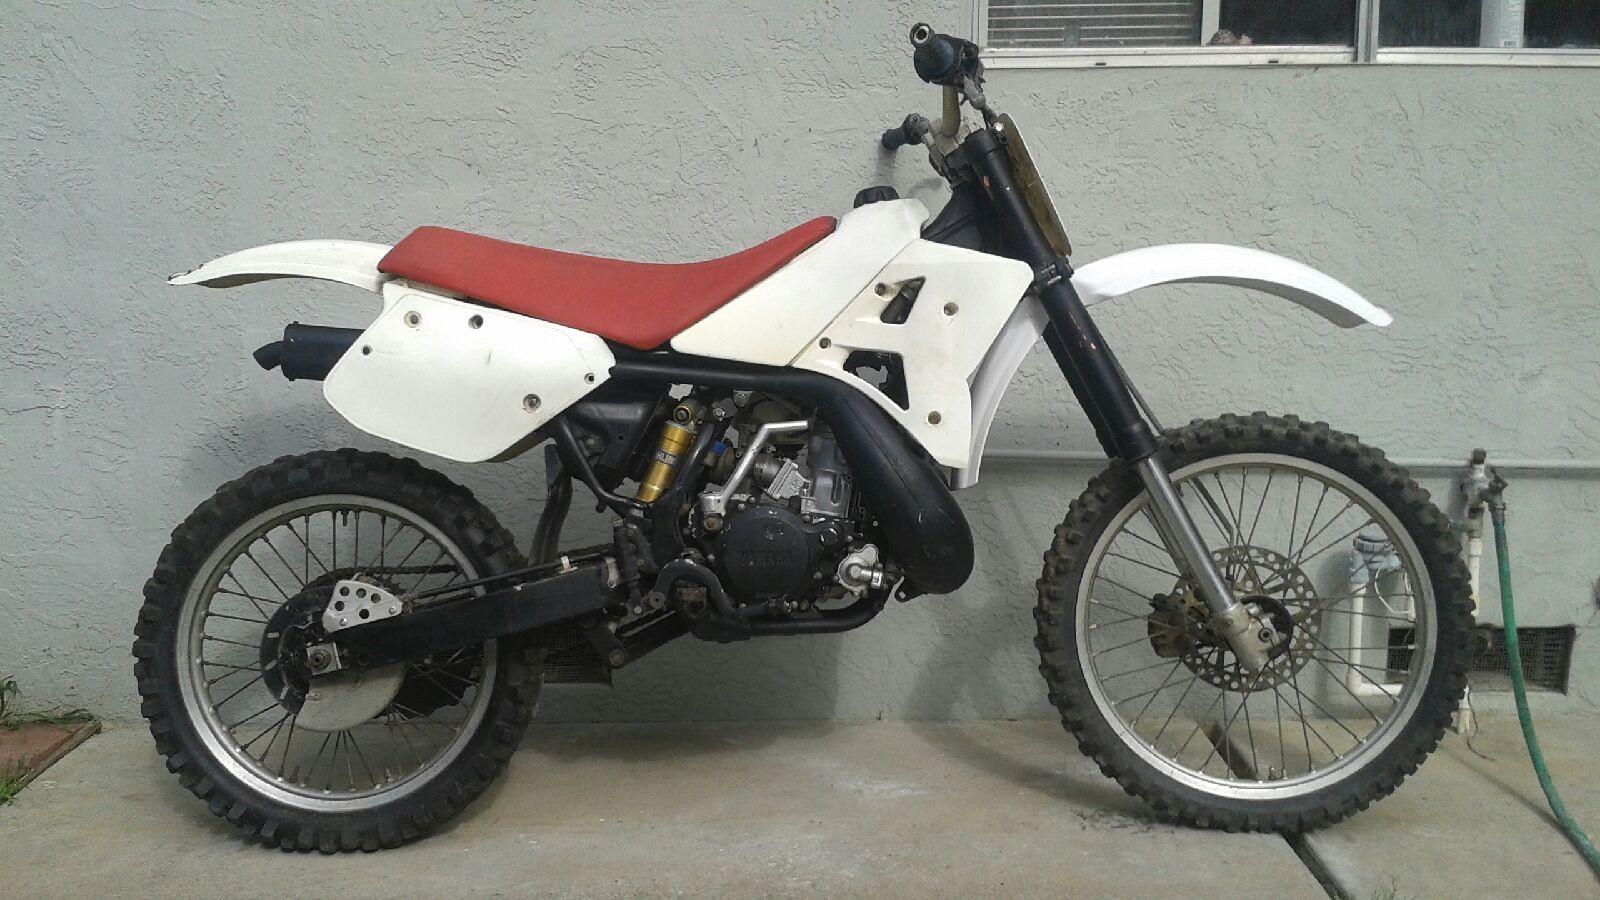 1990 Yamaha YZ360 - Mixon848 - Motocross Pictures - Vital MX